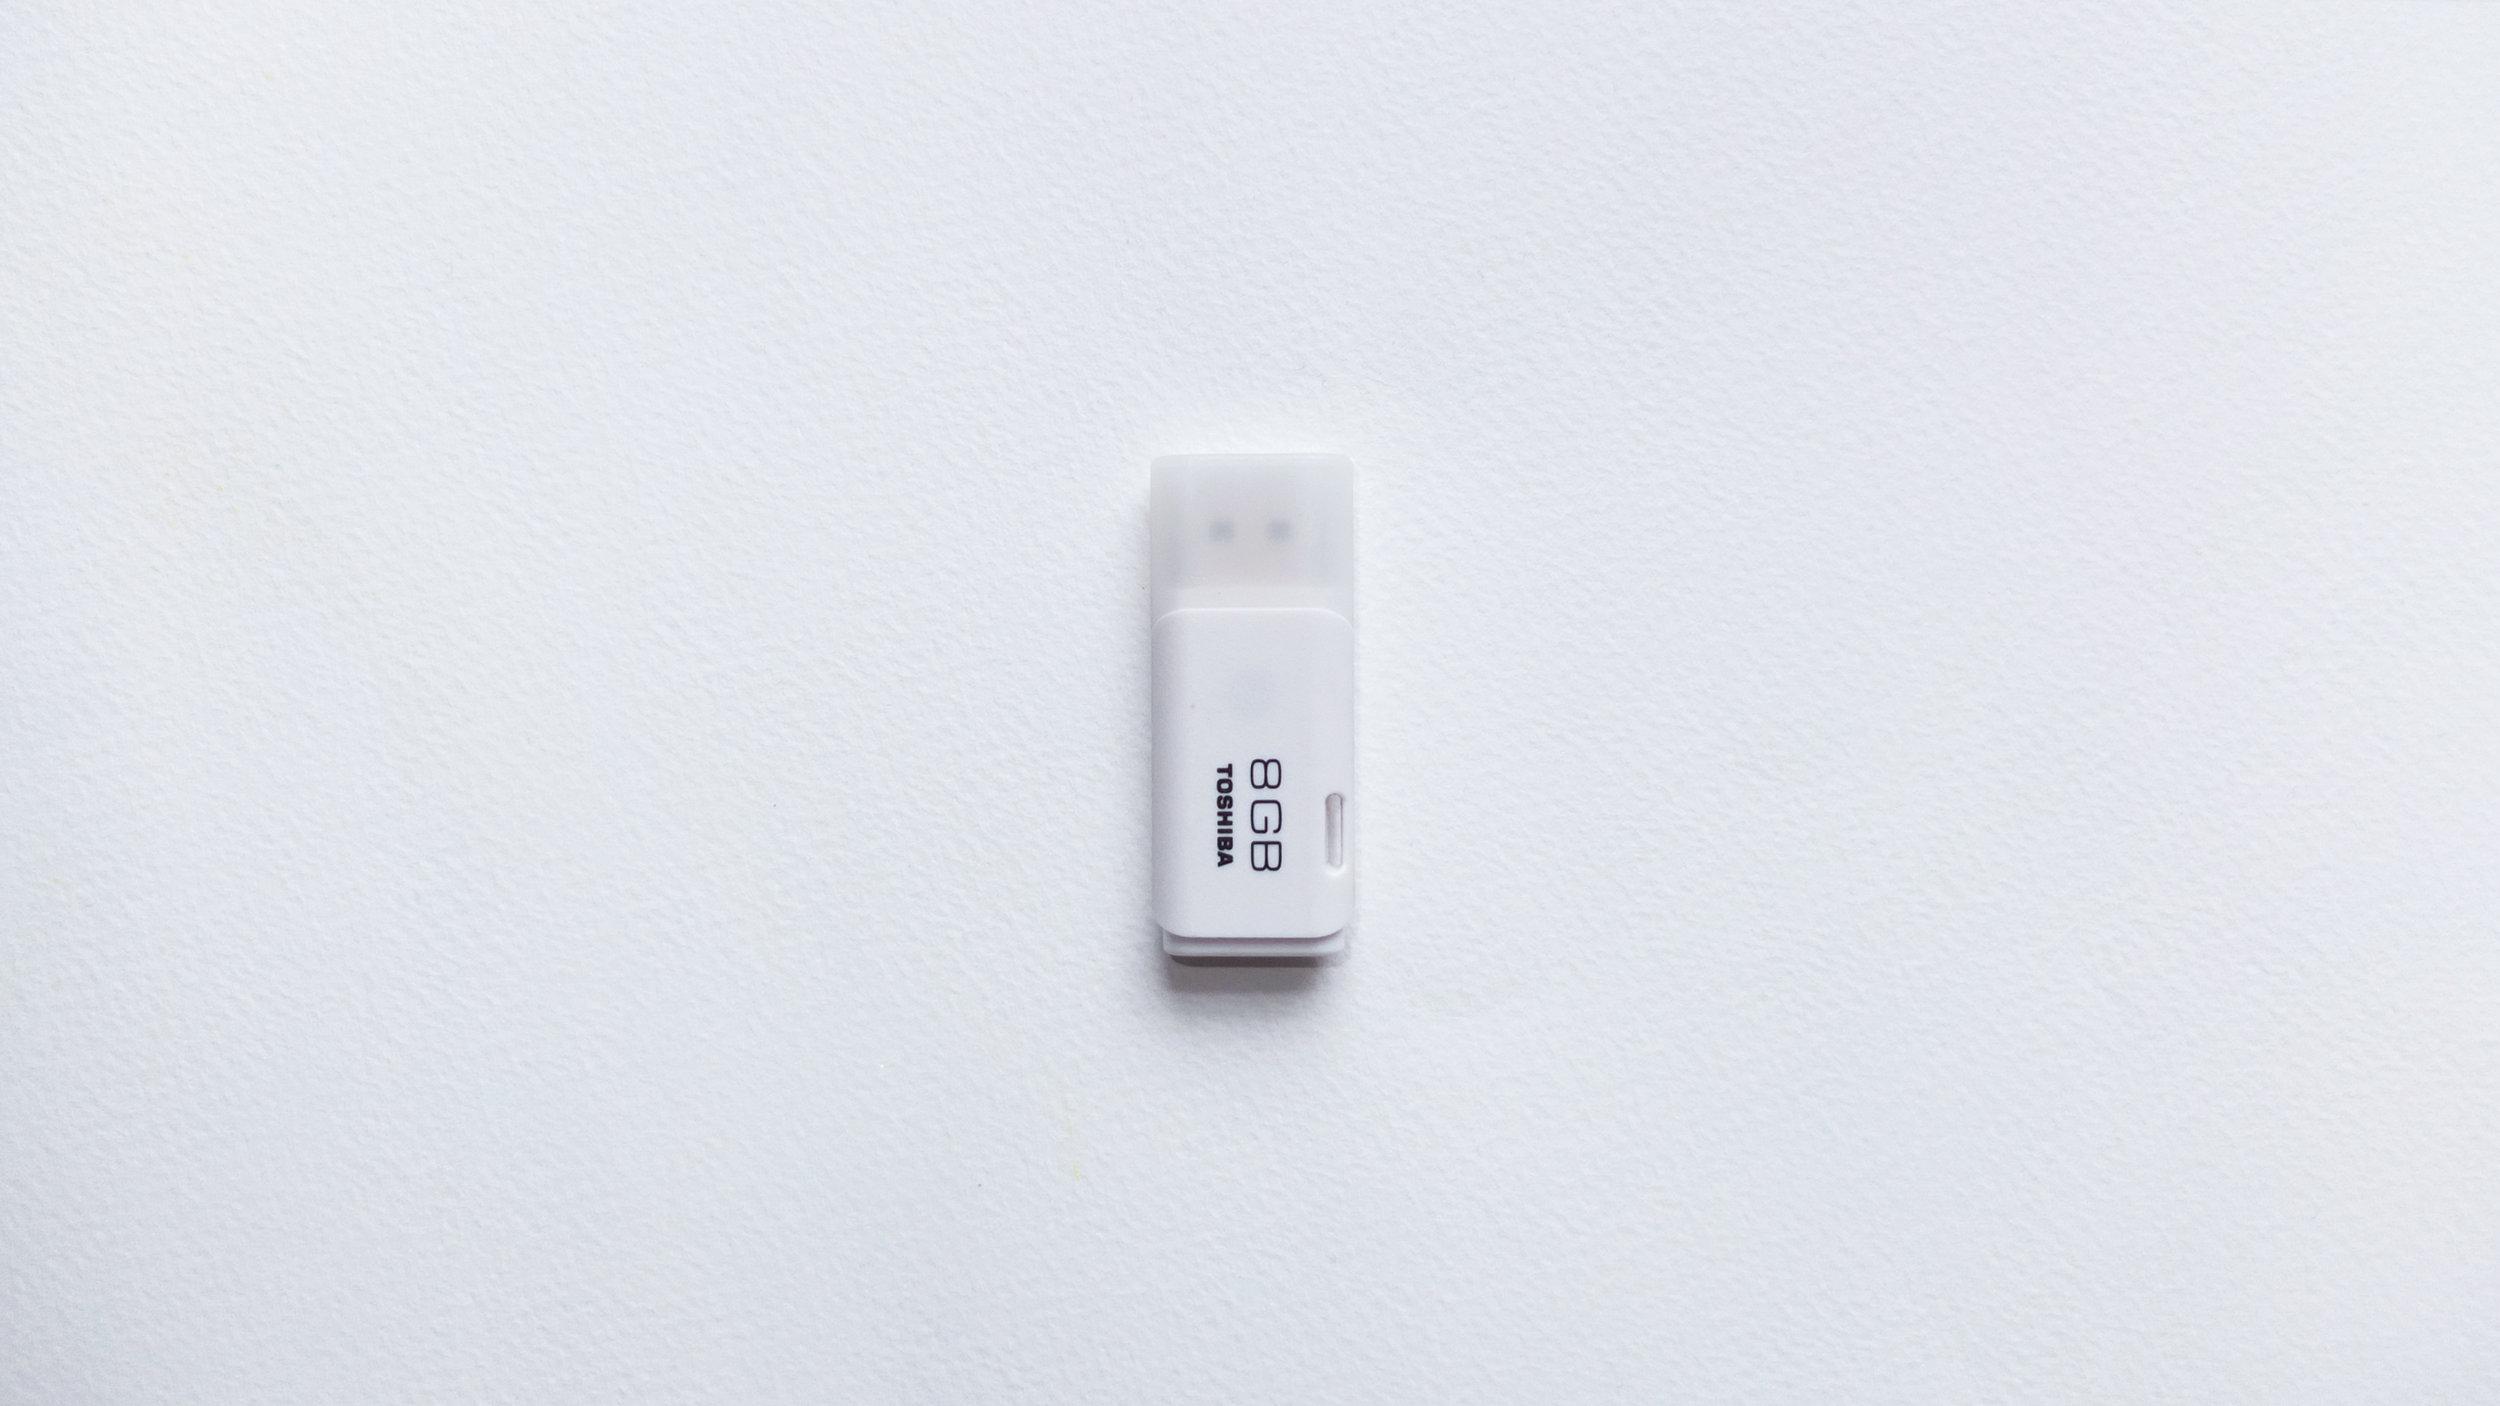 USB No.66